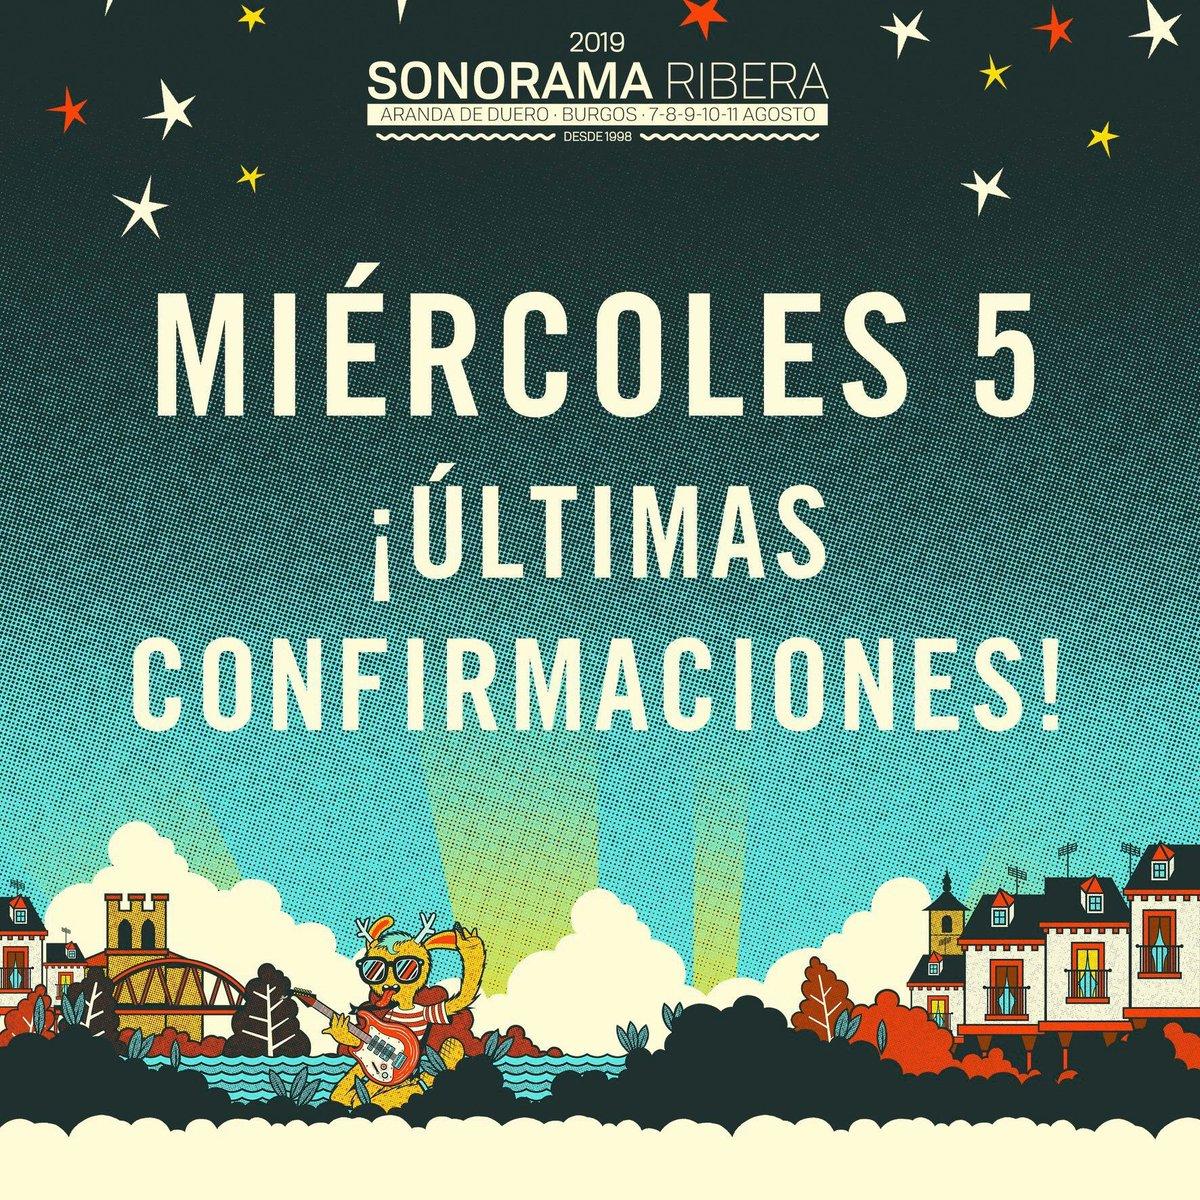 Sonorama 2019 - Página 18 D7zeyQIXUAEqE_g